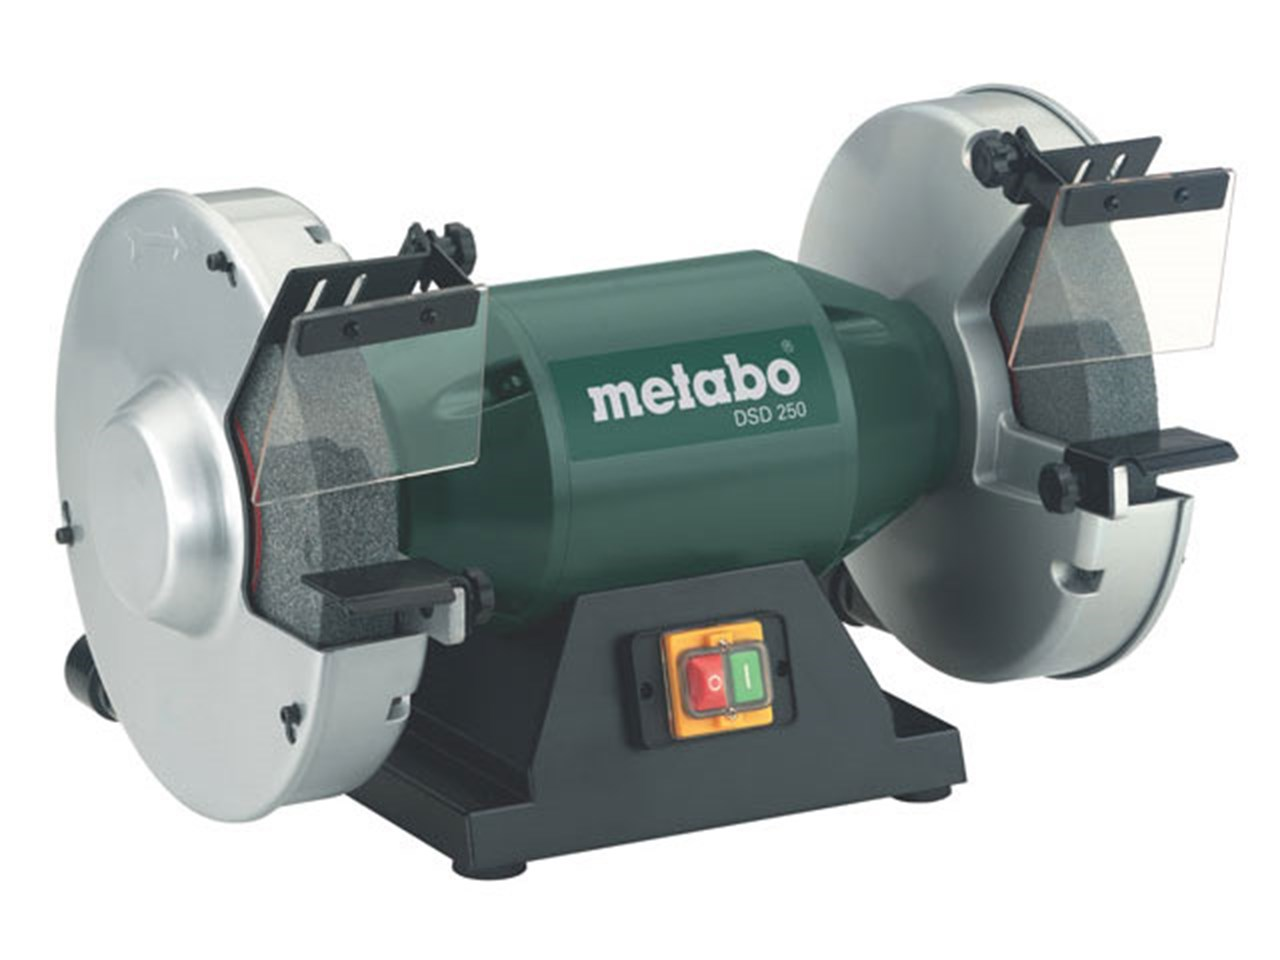 Metabo Dsd 250 400v 400v 250mm Bench Grinder